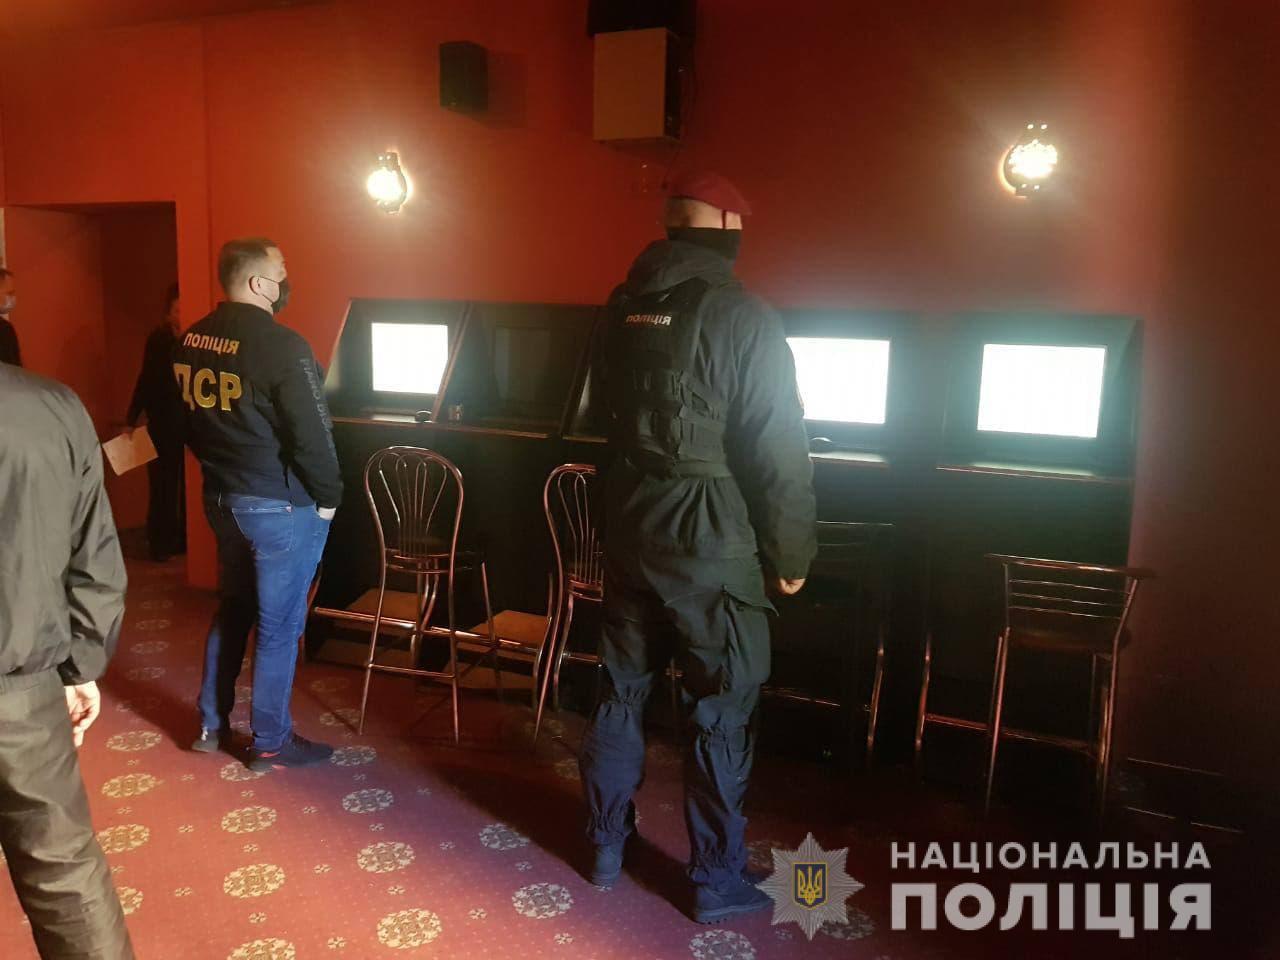 Сотрудники полиции Черкасс пресекли незаконную деятельность подпольного казино